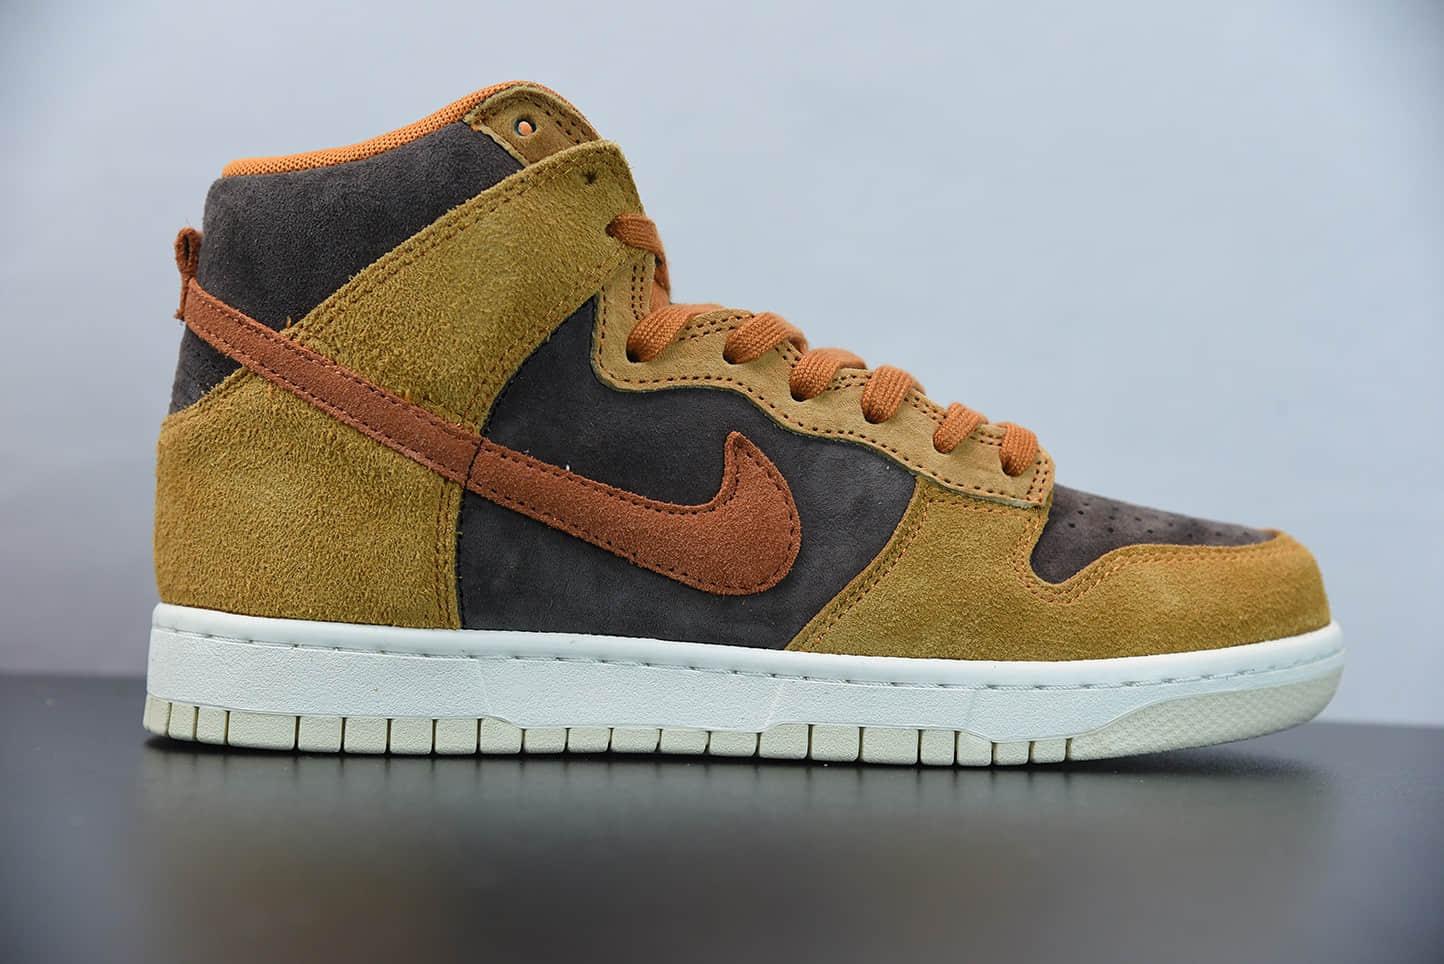 耐克Nike Dunk High Dark Curry黄褐色黑咖喱高帮板鞋纯原版本 货号:DD1401-200